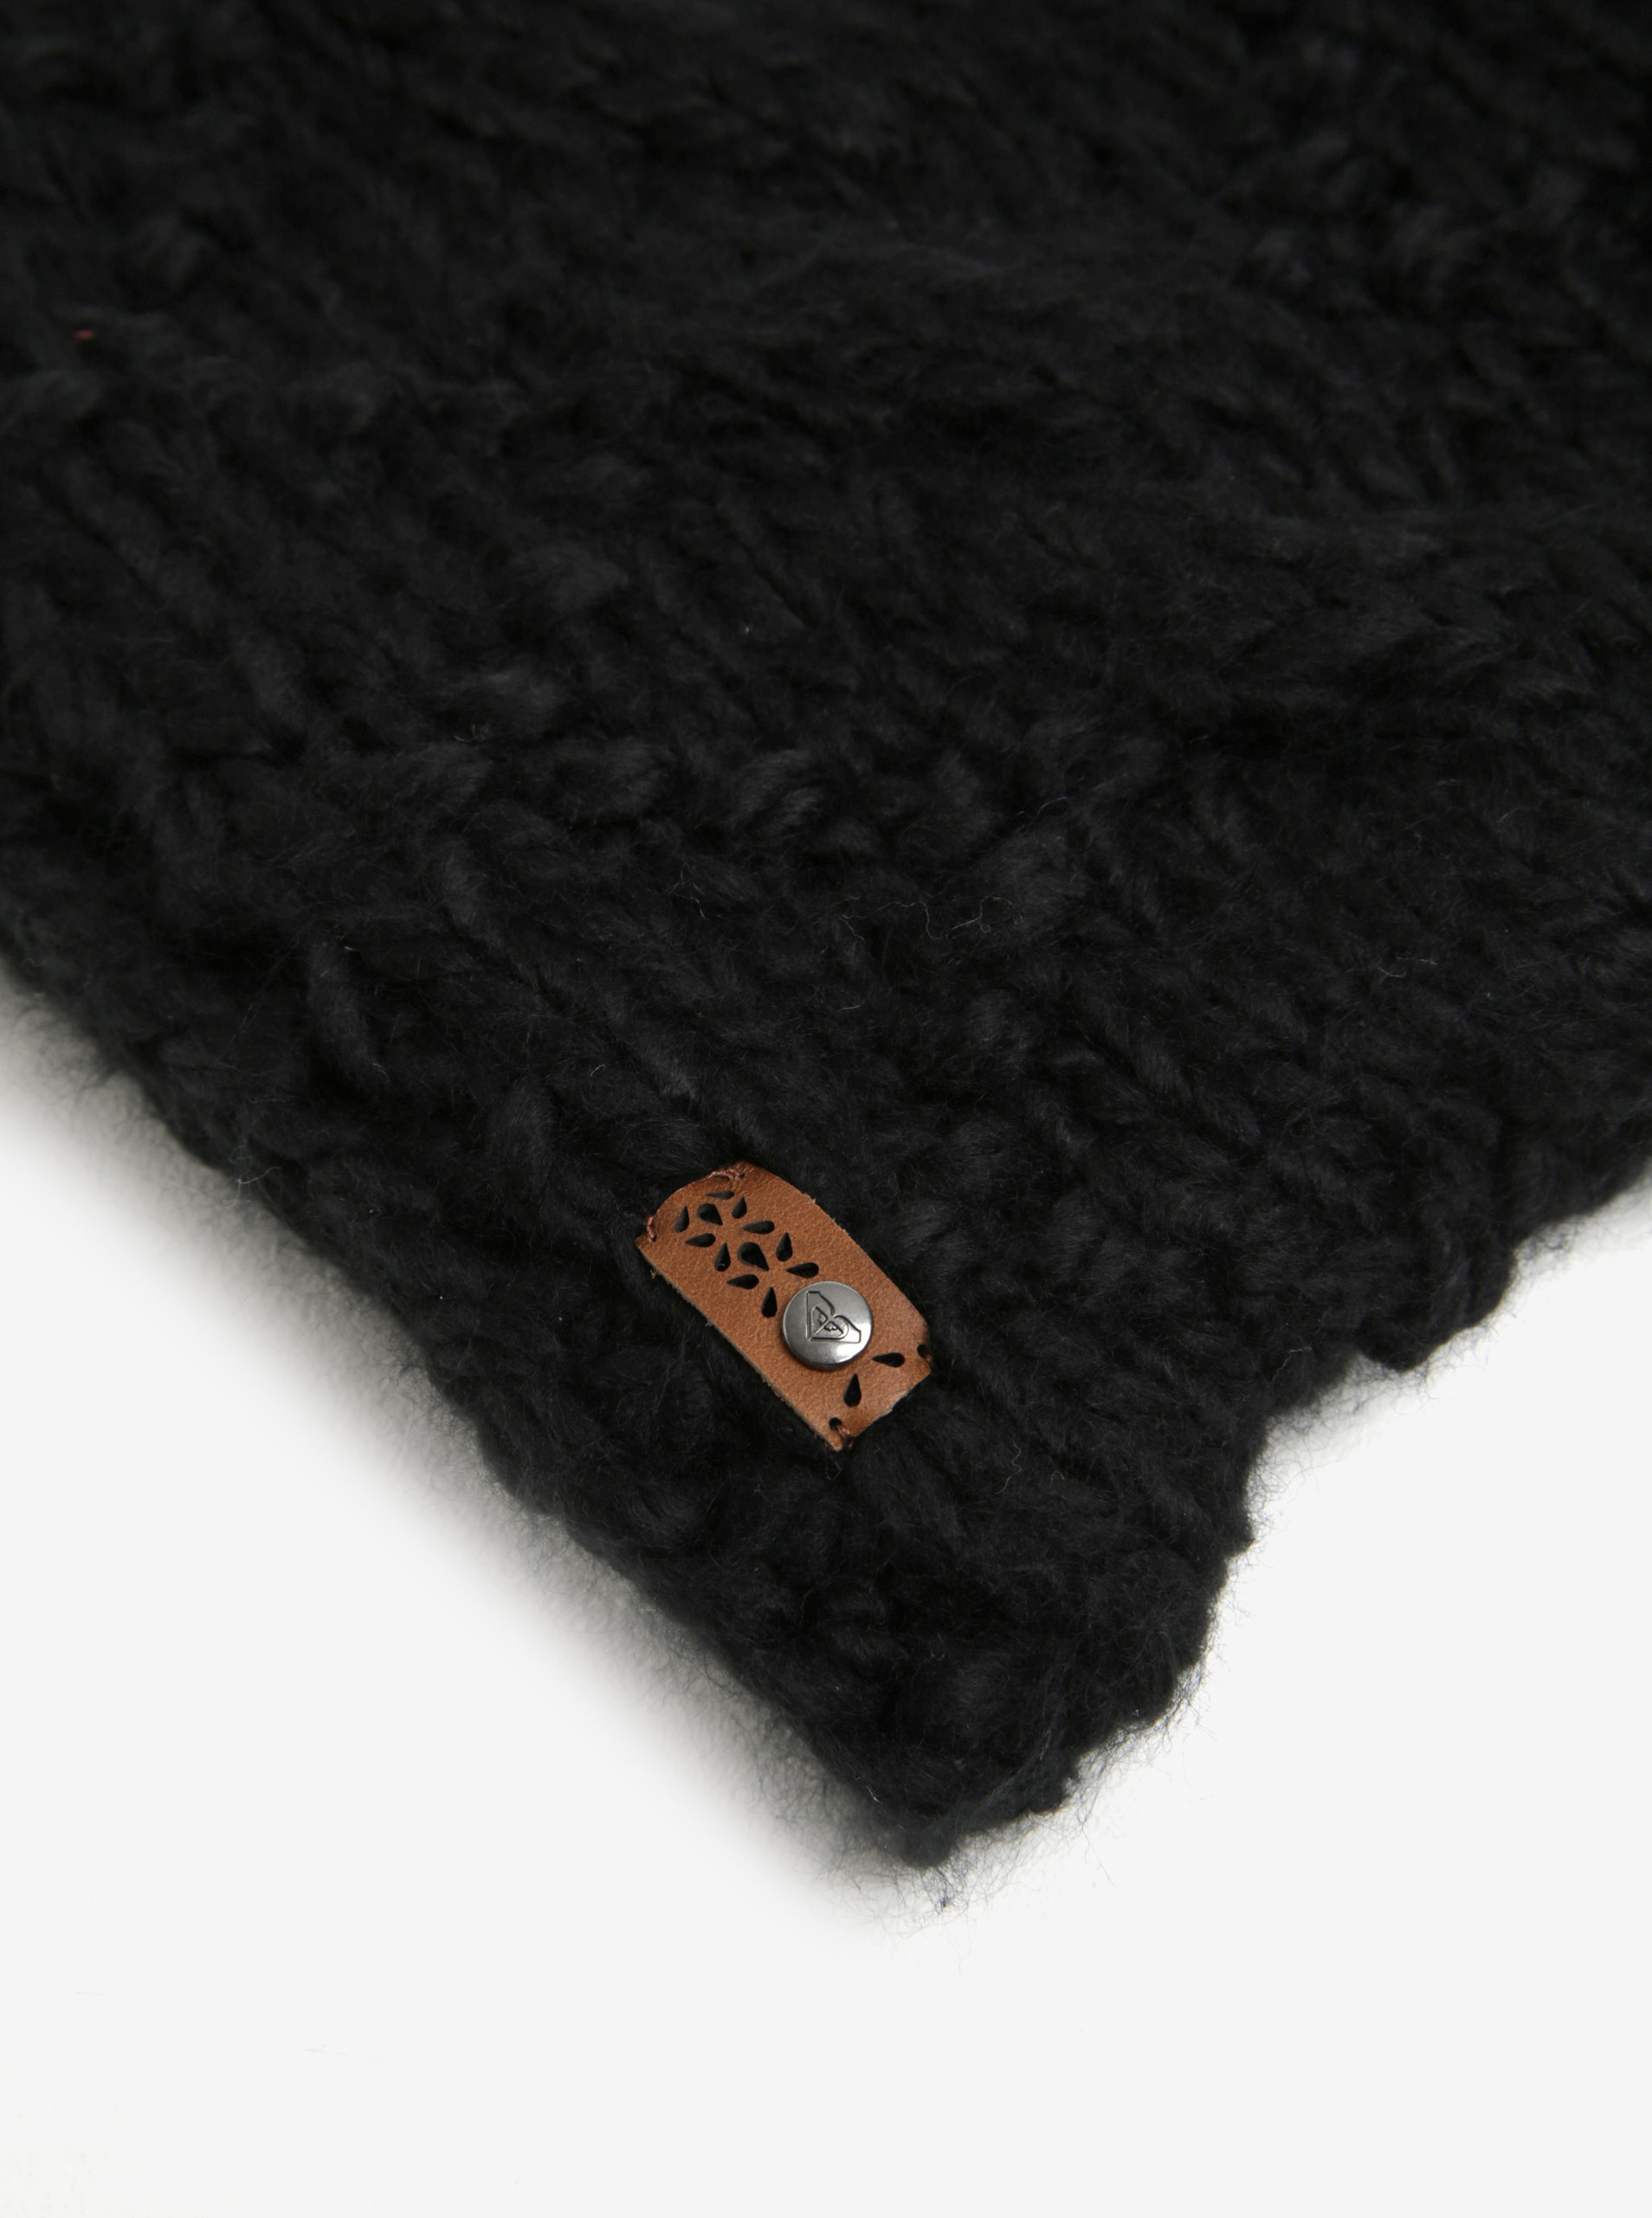 Černý dámský nákrčník Roxy Winter Collar ... 19e6470965